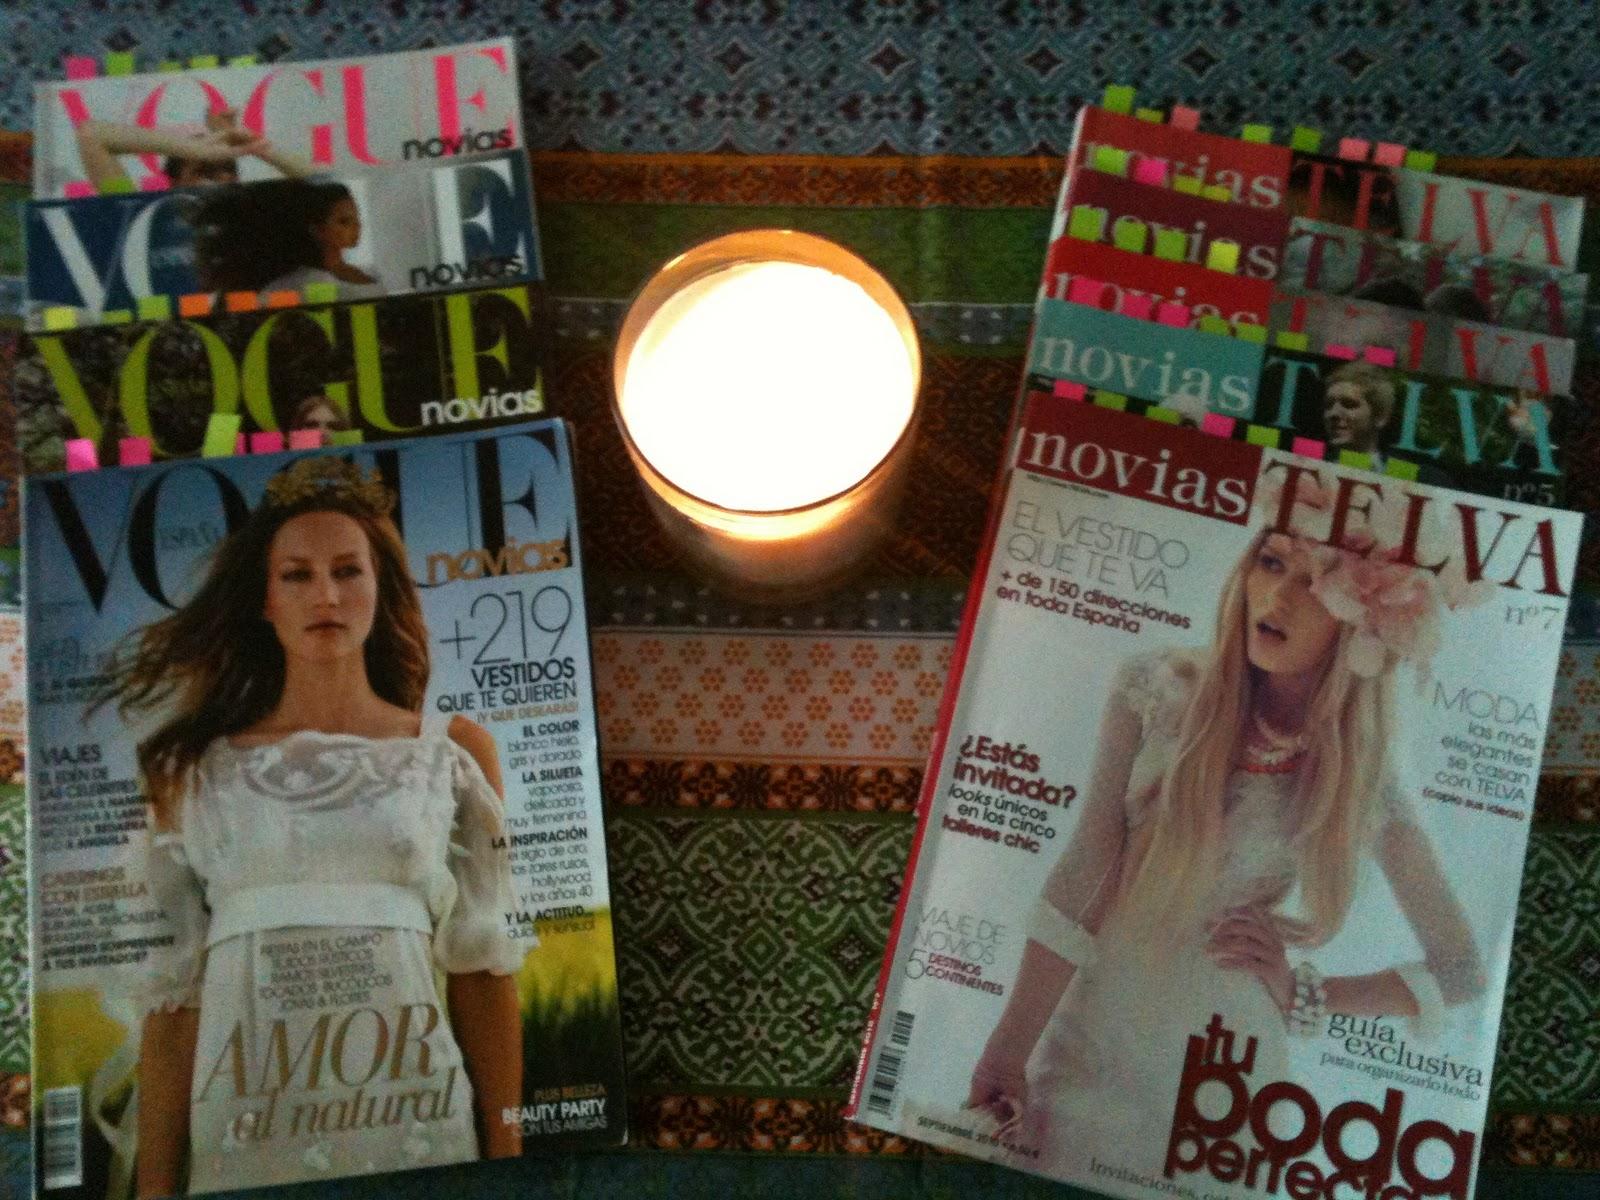 Oui Oui-revistas para organizar boda-telva novias vogue novias